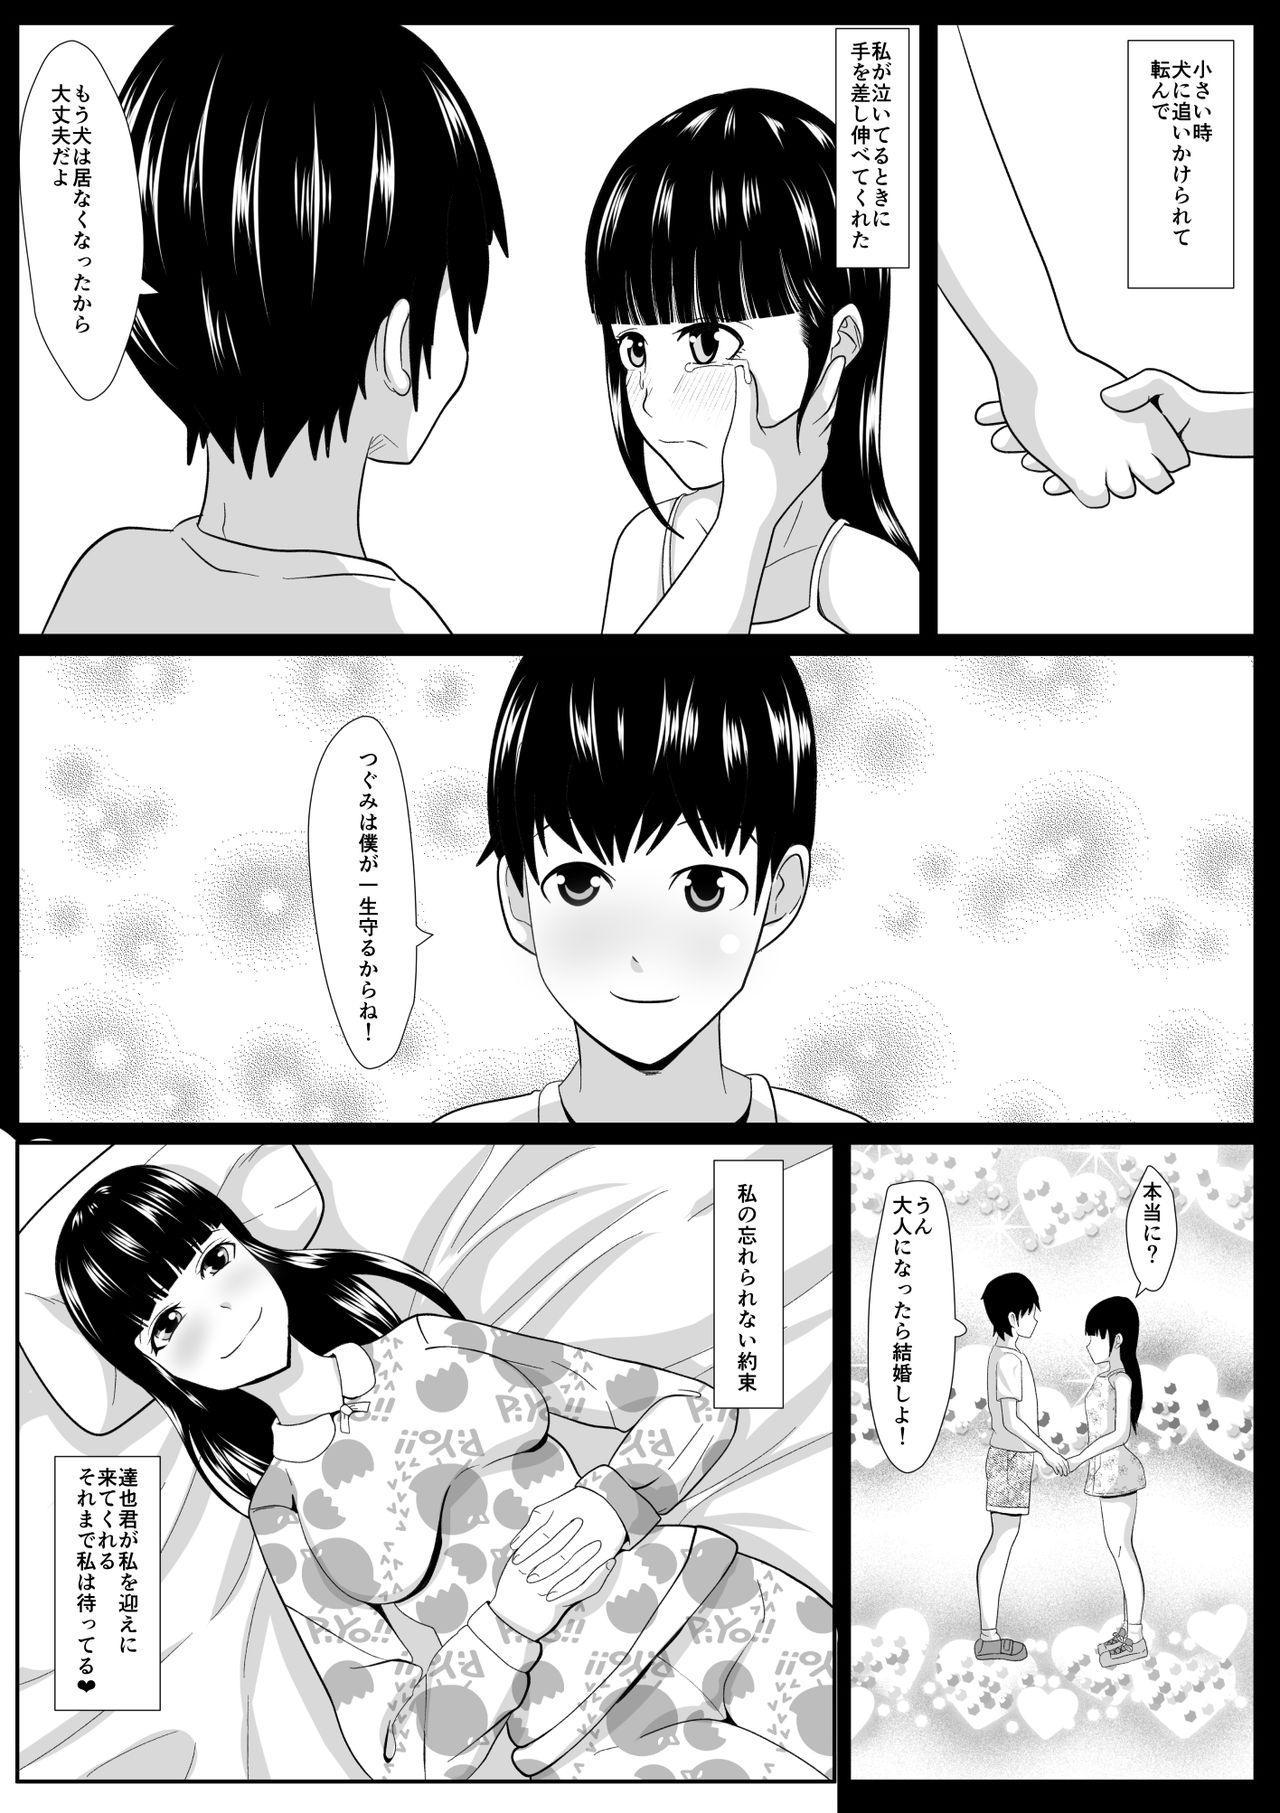 Sakasama 10